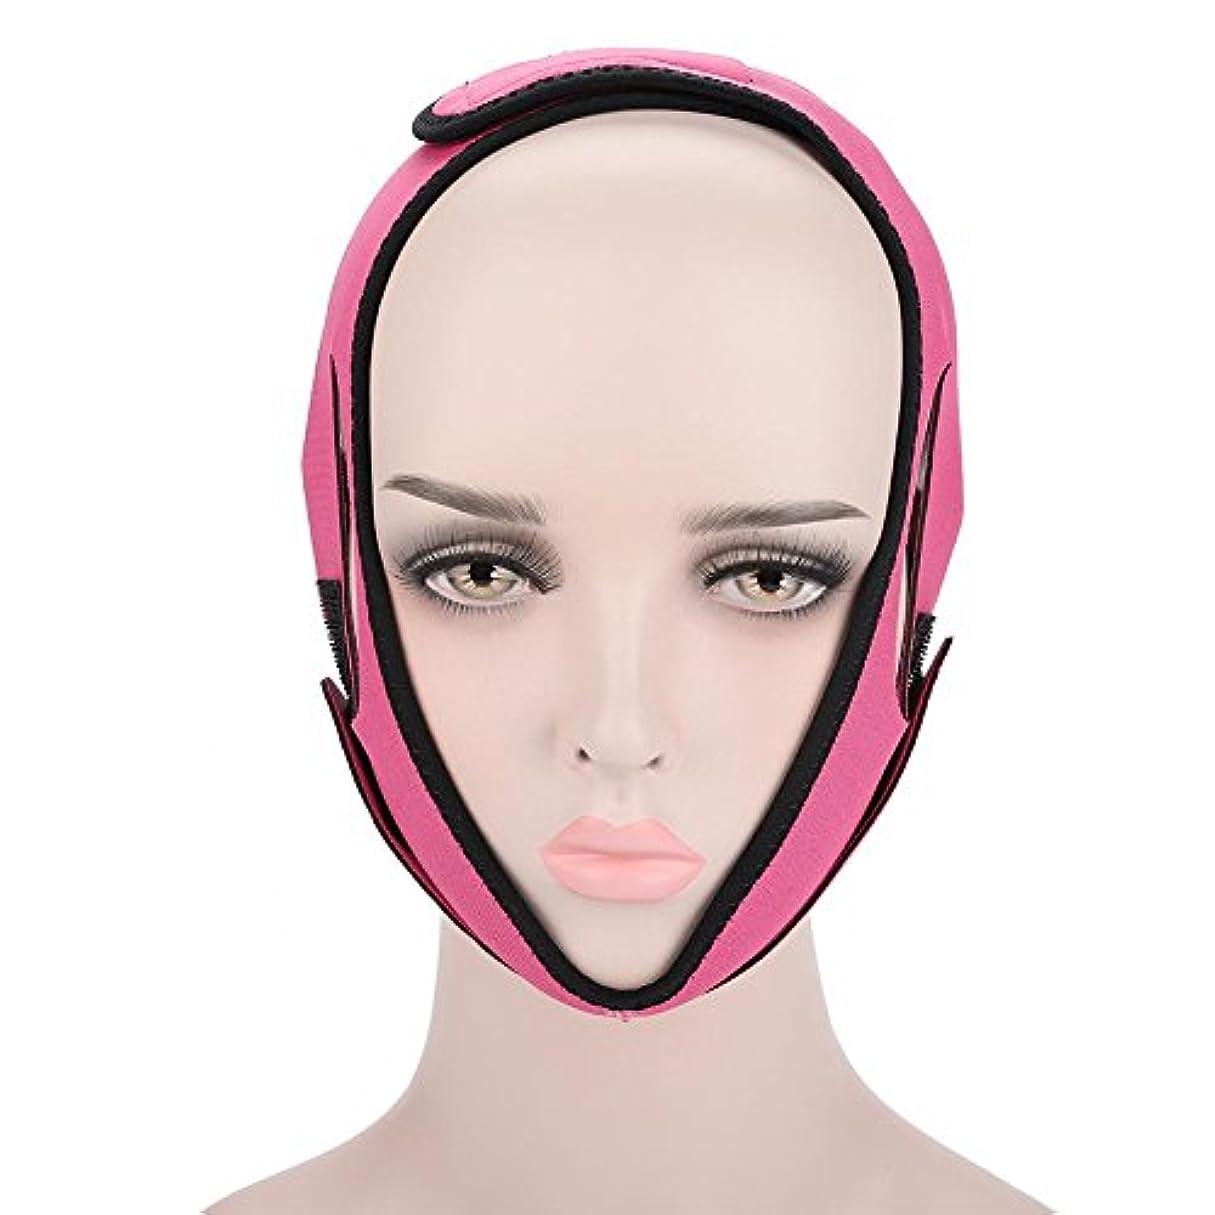 不安定家具バージンフェイススリミング包帯 顔の包帯フェイシャルスリミングマスクフェイシャルケアのためのフェイシャルベルト薄い首のフェイスリフトダブルチン女性のための(3#)